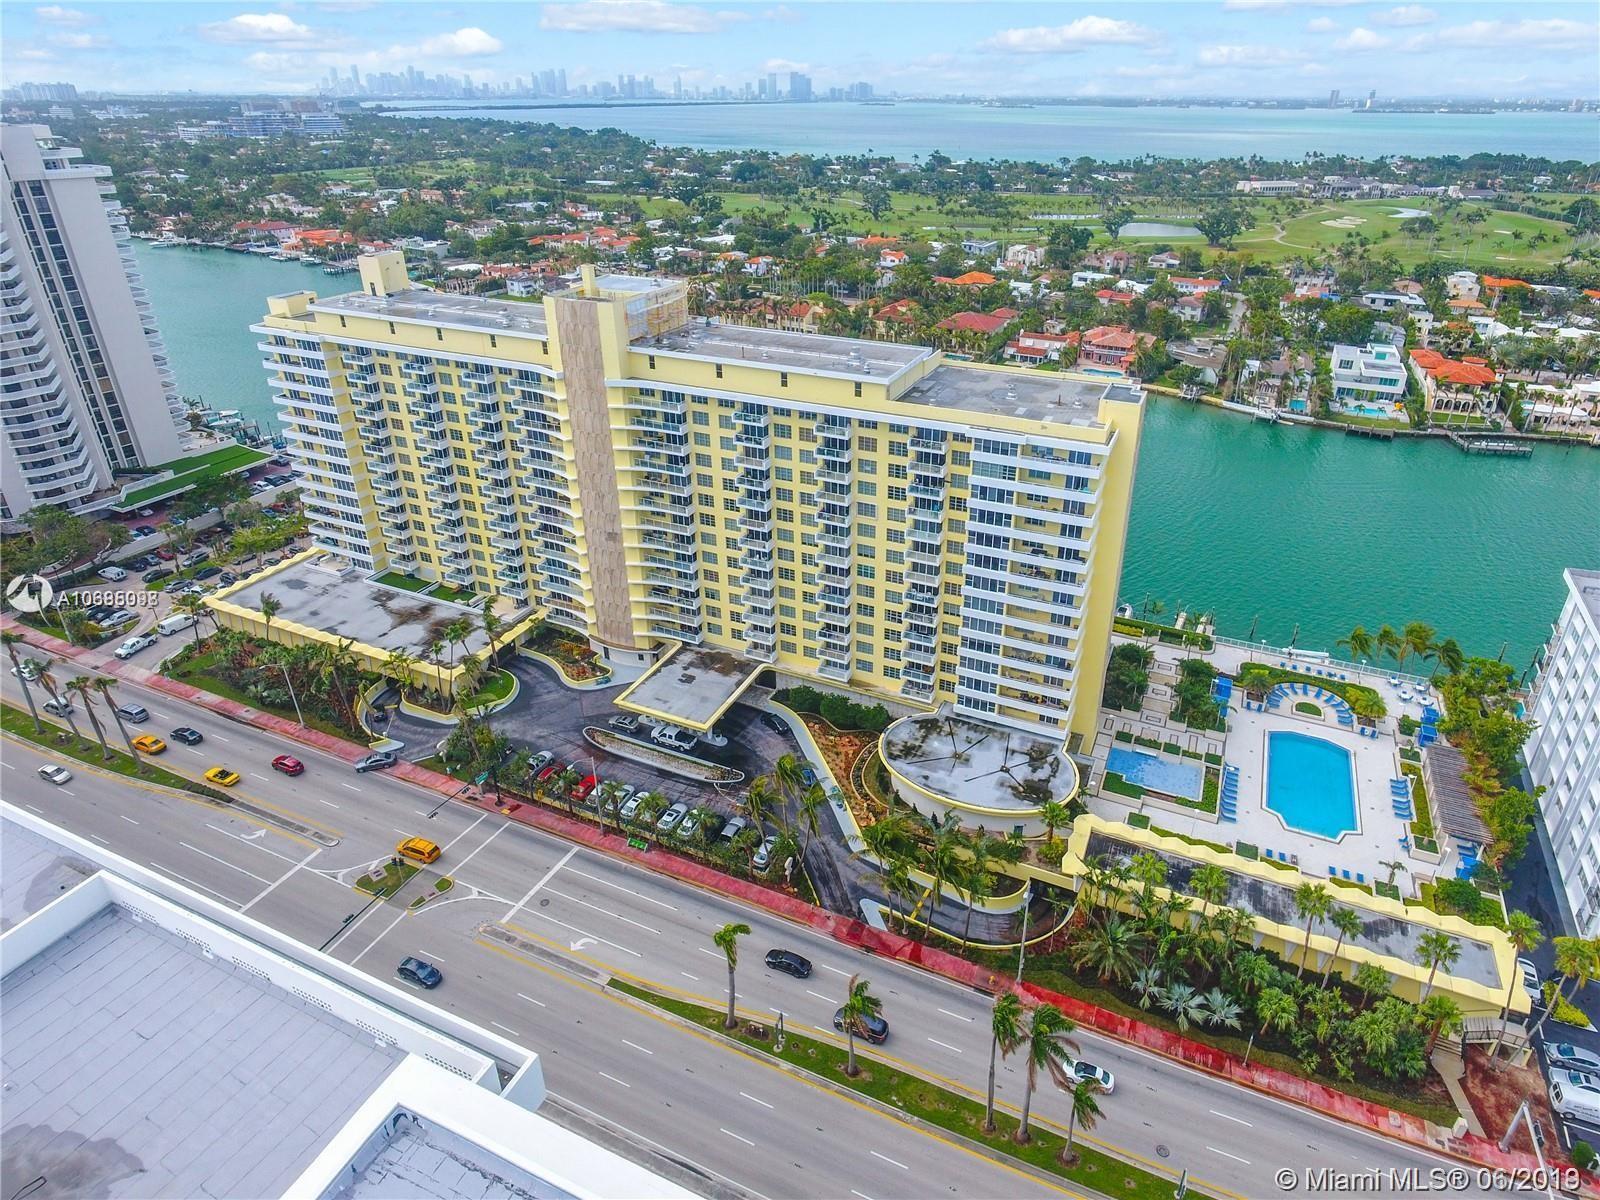 5600 Collins Ave #16V, Miami Beach, FL 33140 - Miami Beach, FL real estate listing